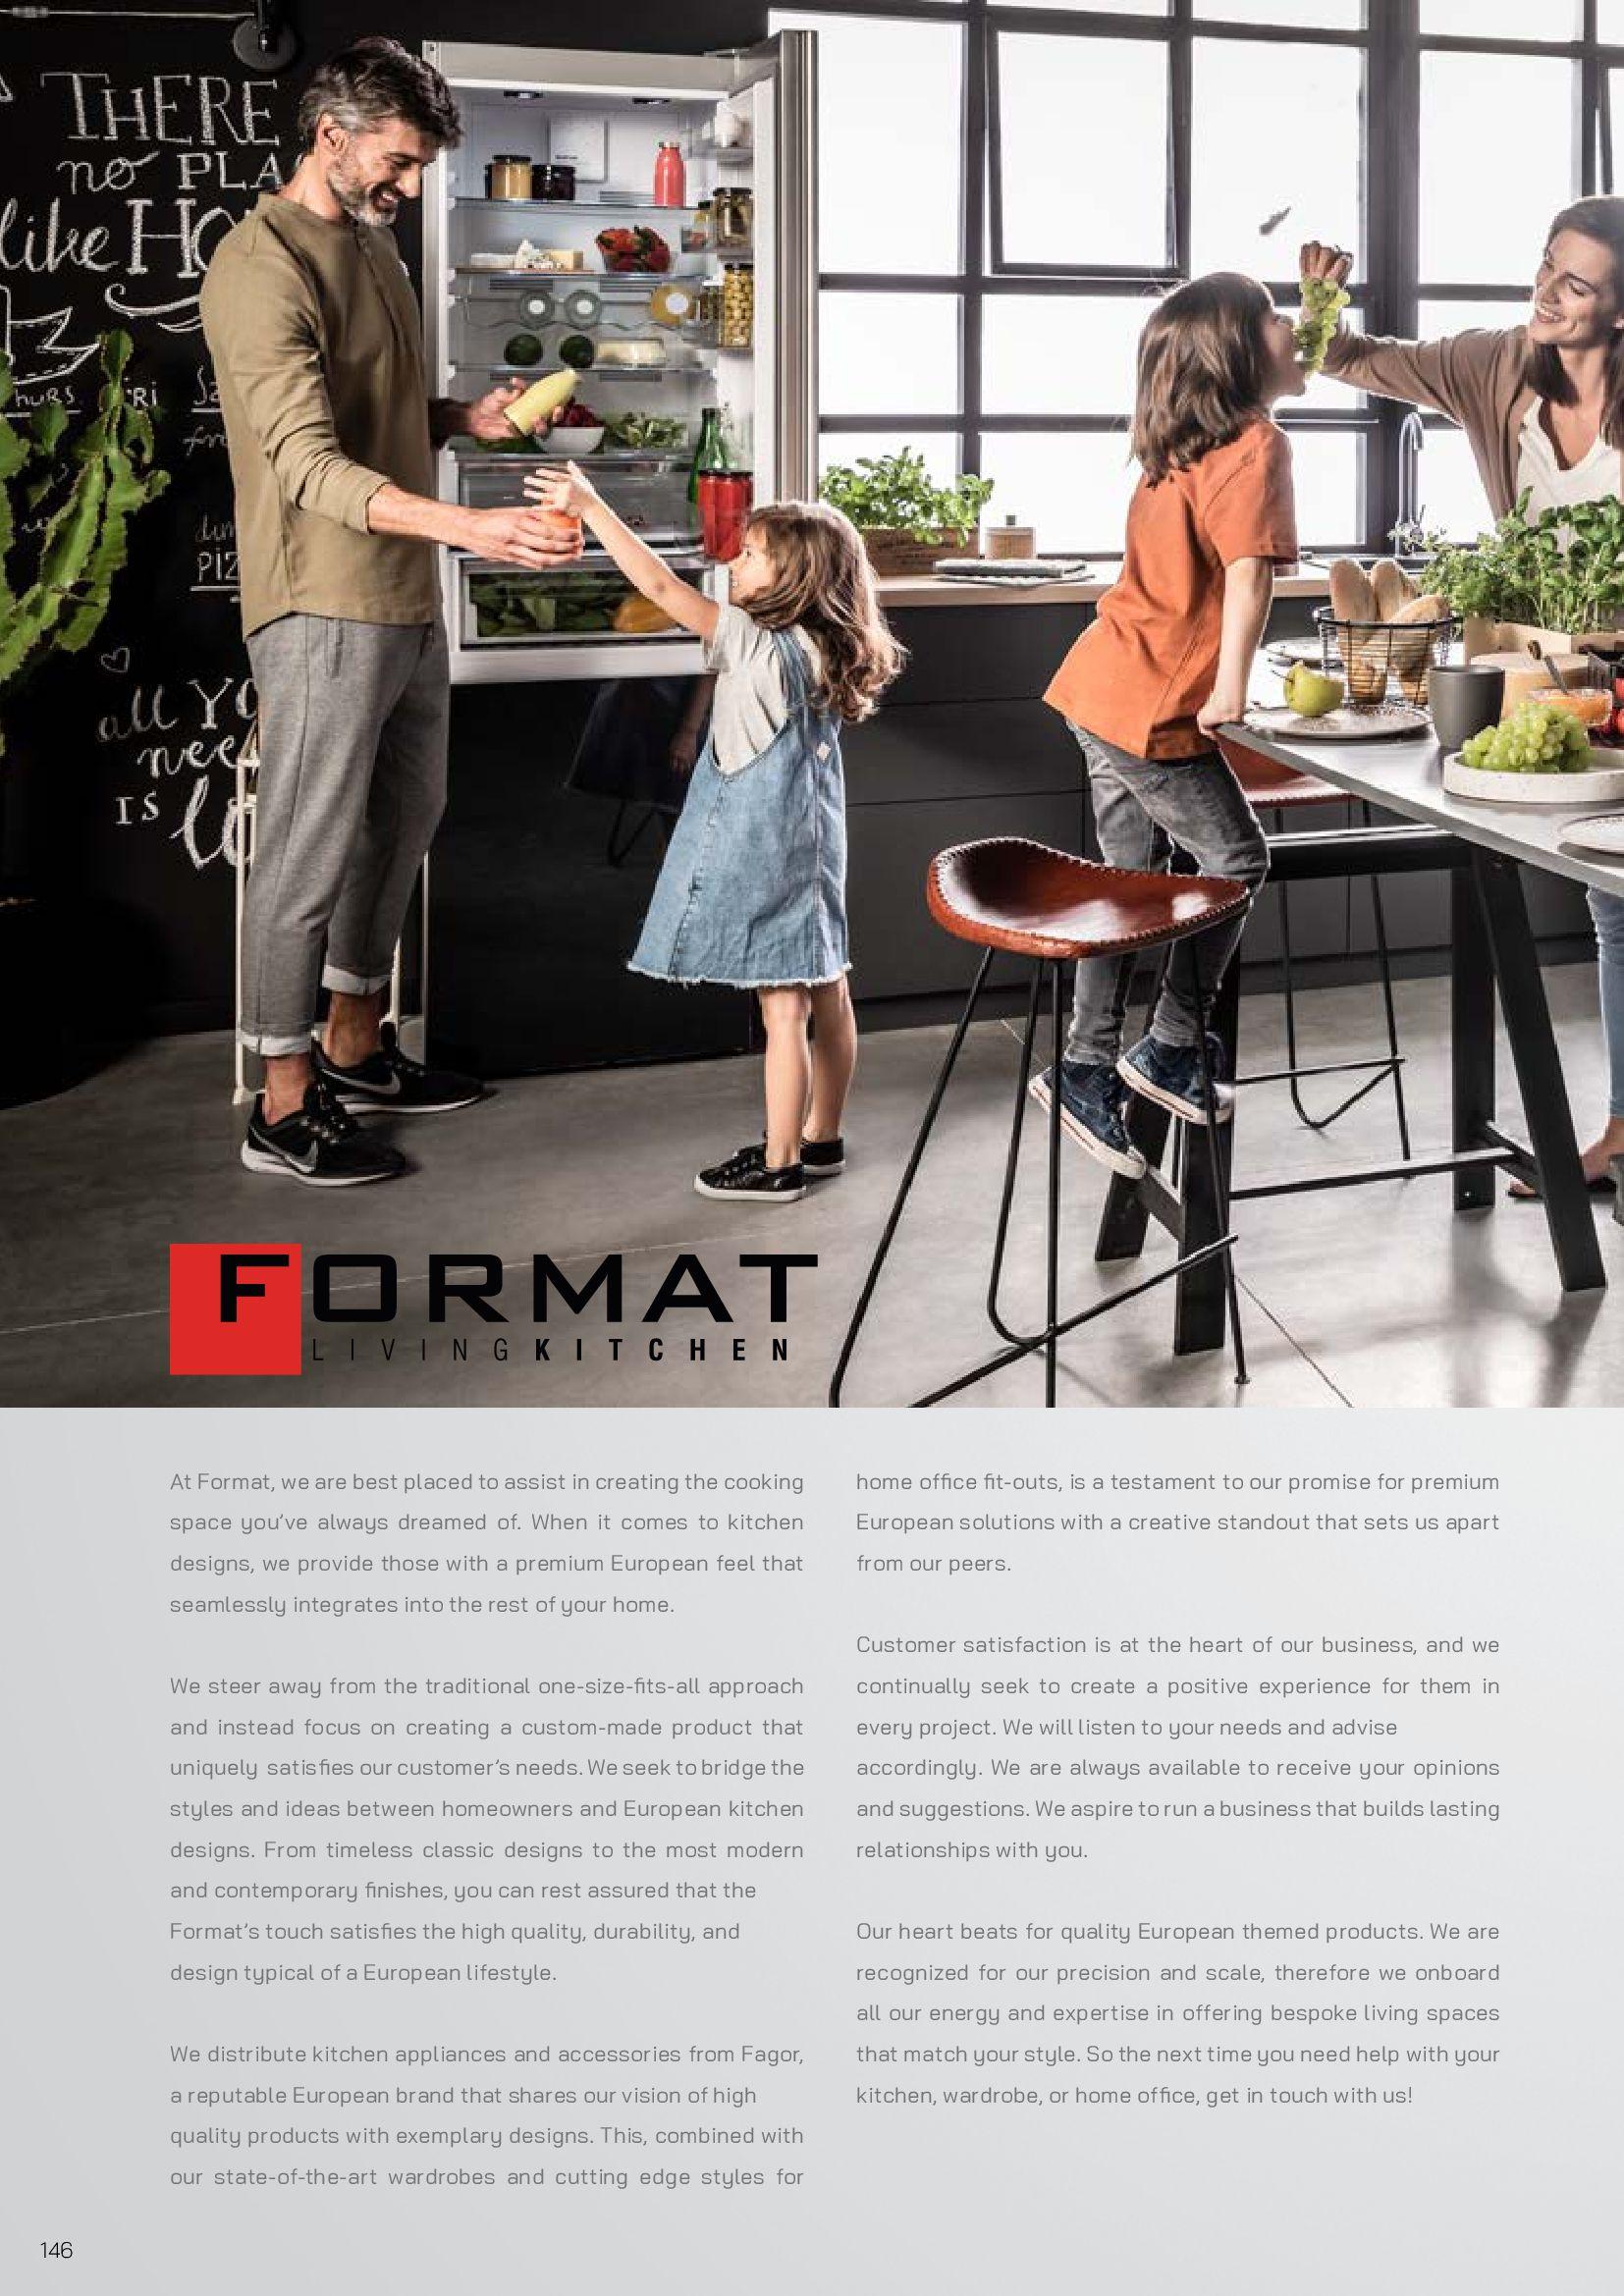 Tải về MIỄN PHÍ Catalogue Thiết bị bếp Fagor 2021 Bản FULL HD